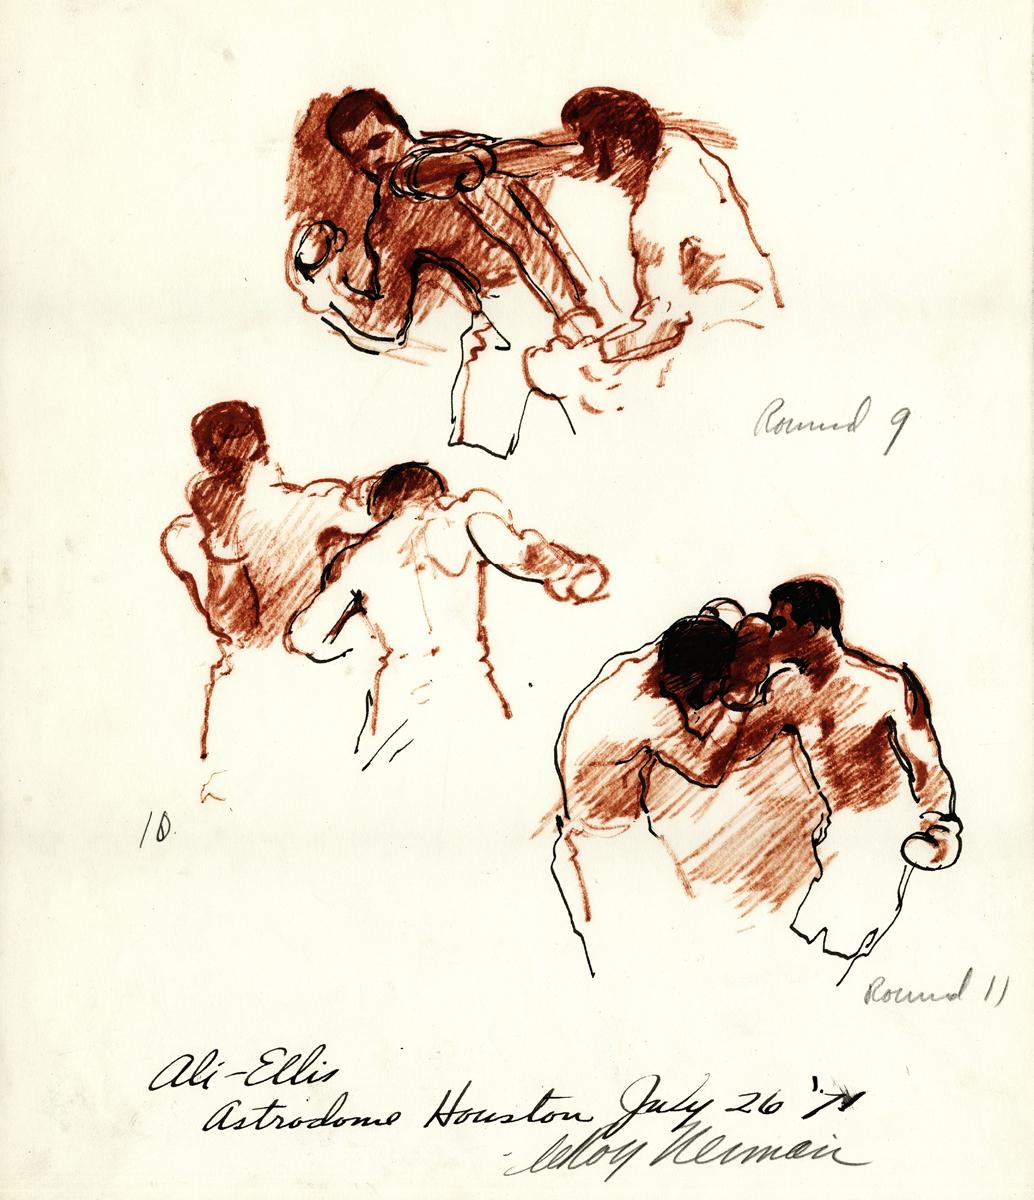 Ali vs Ellis, mixed media on paper, 12.5 x 14.5 in, 1971